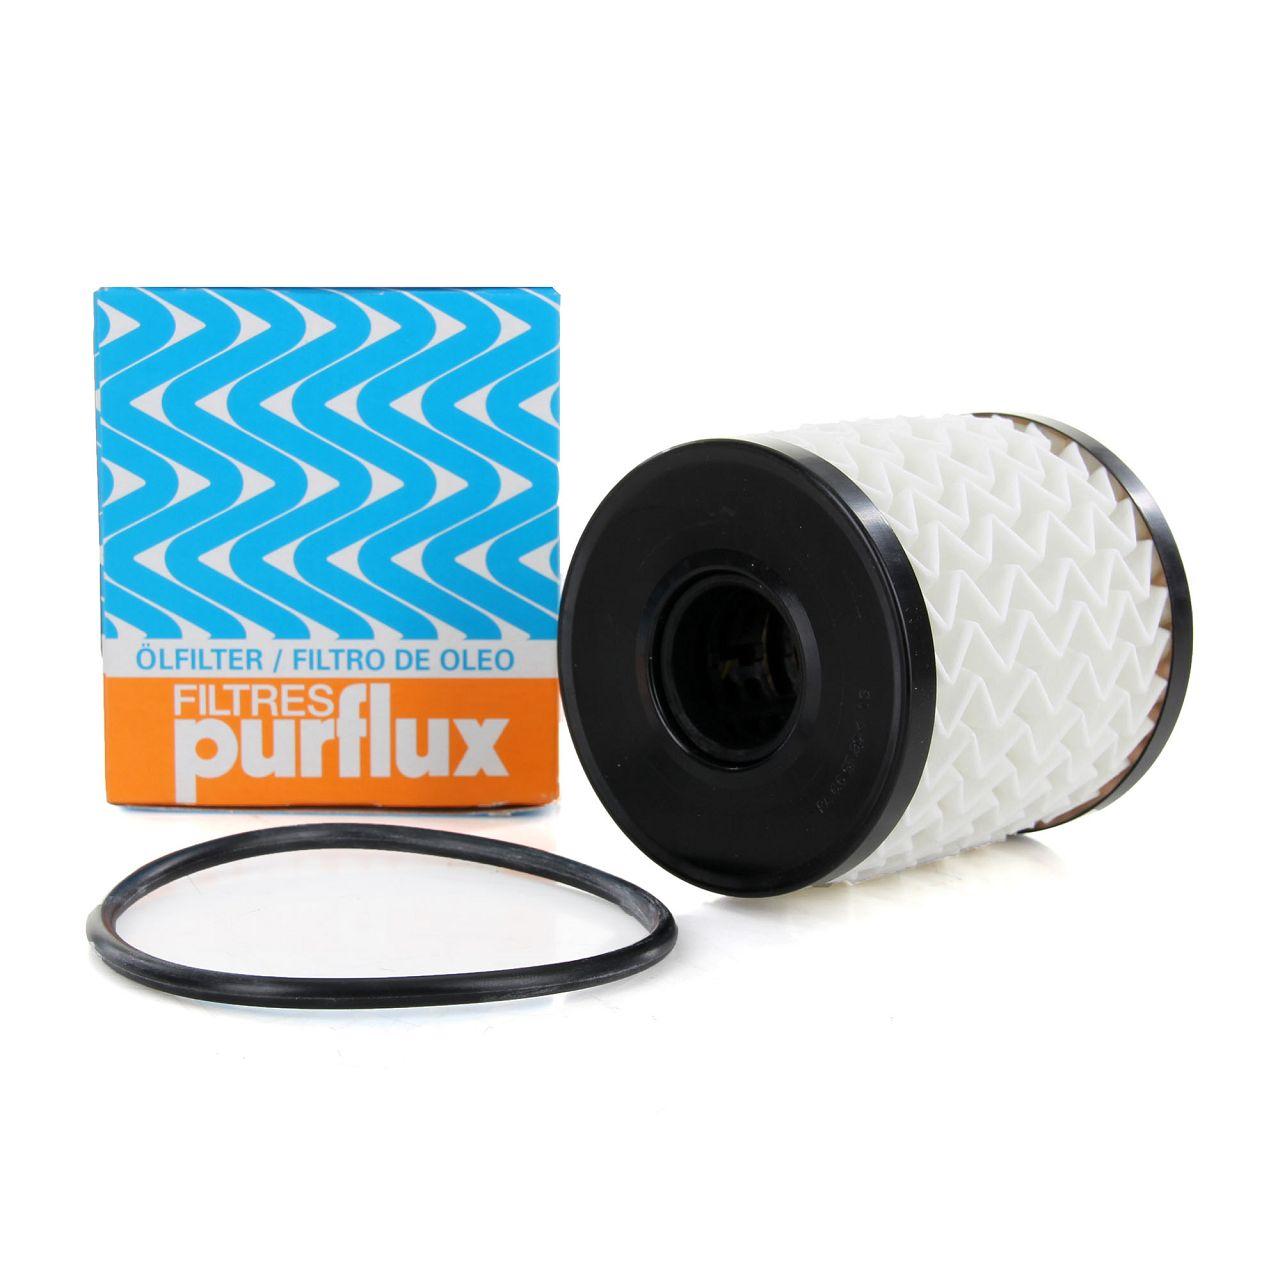 PURFLUX Ölfilter L358A für CITROEN PEUGEOT 2.0 2.2 HDI 1.6 VTi 1.6 THP 1.8 16V